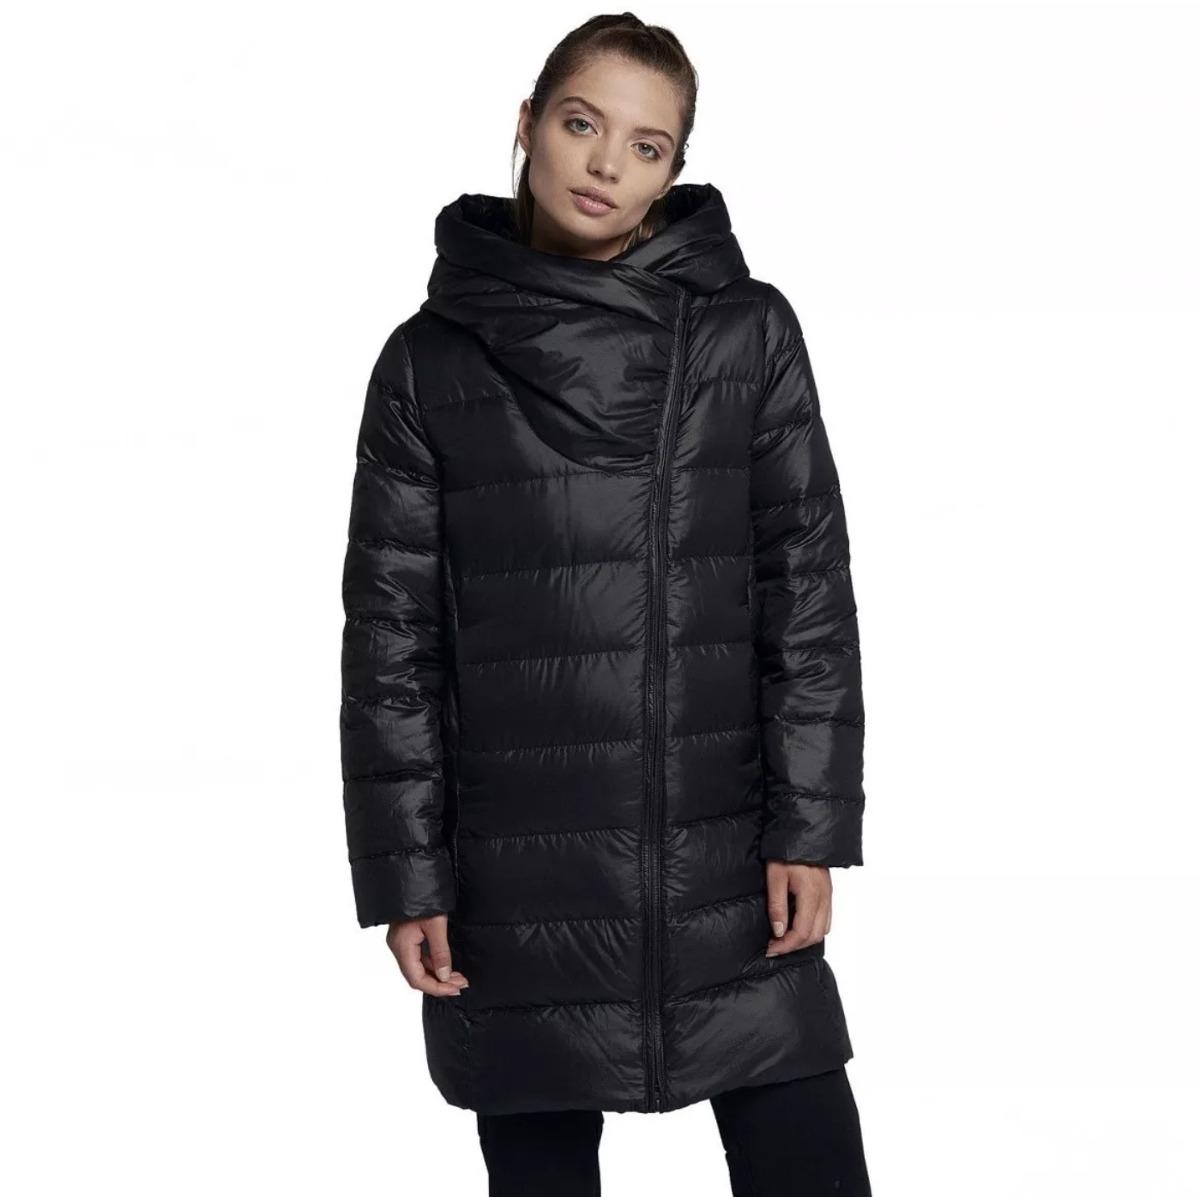 Mujer 00 799 2 Parka Pluma Fill Negro Down Campera Nike Jacket wqgqavUI